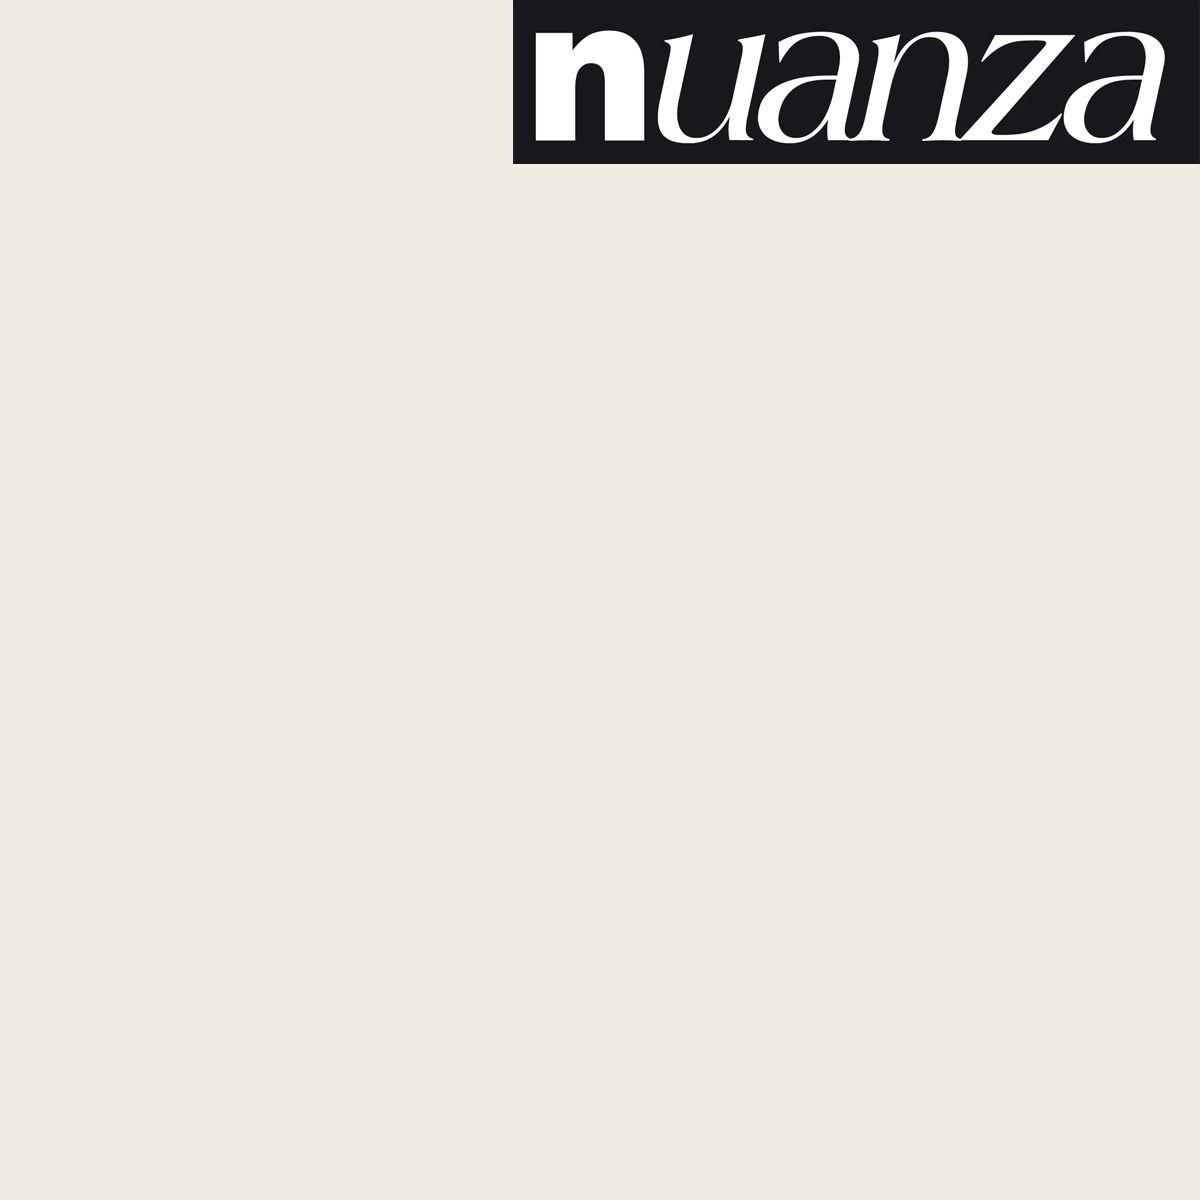 Peinture Nuanza satin monocouche craie 0.5l